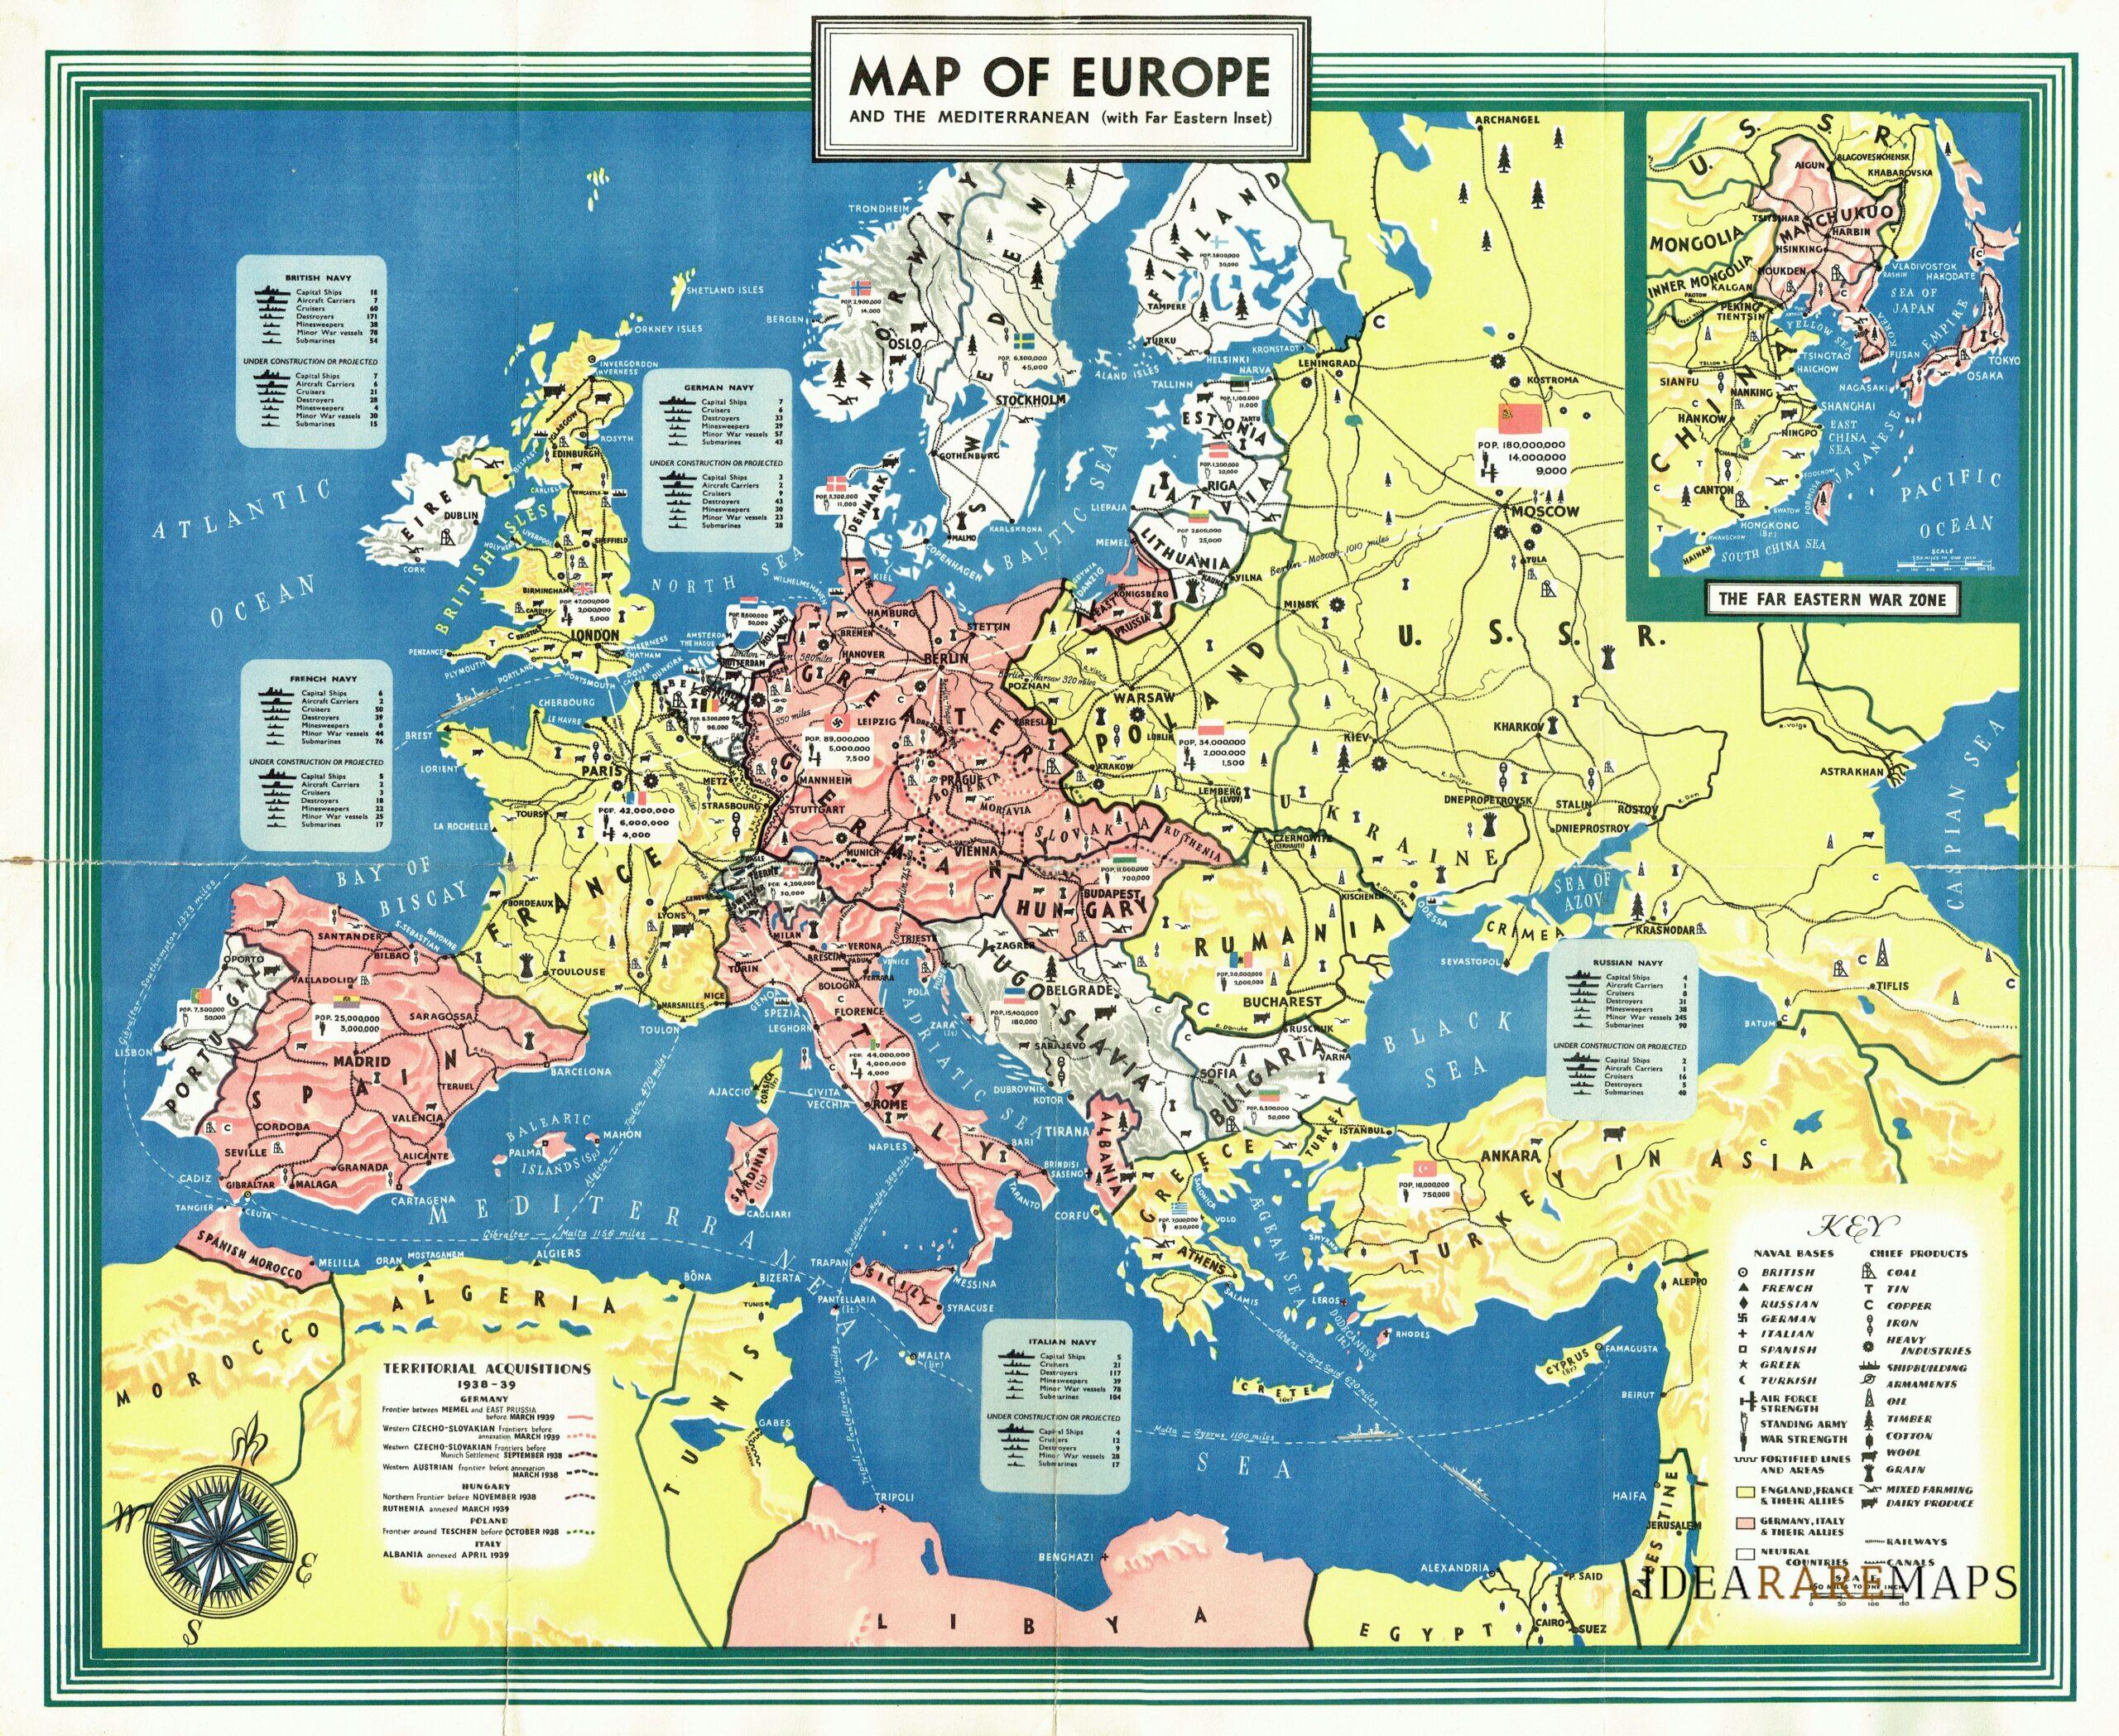 Cartina Geografica Europa Da Stampare.Carta Dell Europa Durante La Seconda Guerra Mondiale Idea Rare Maps